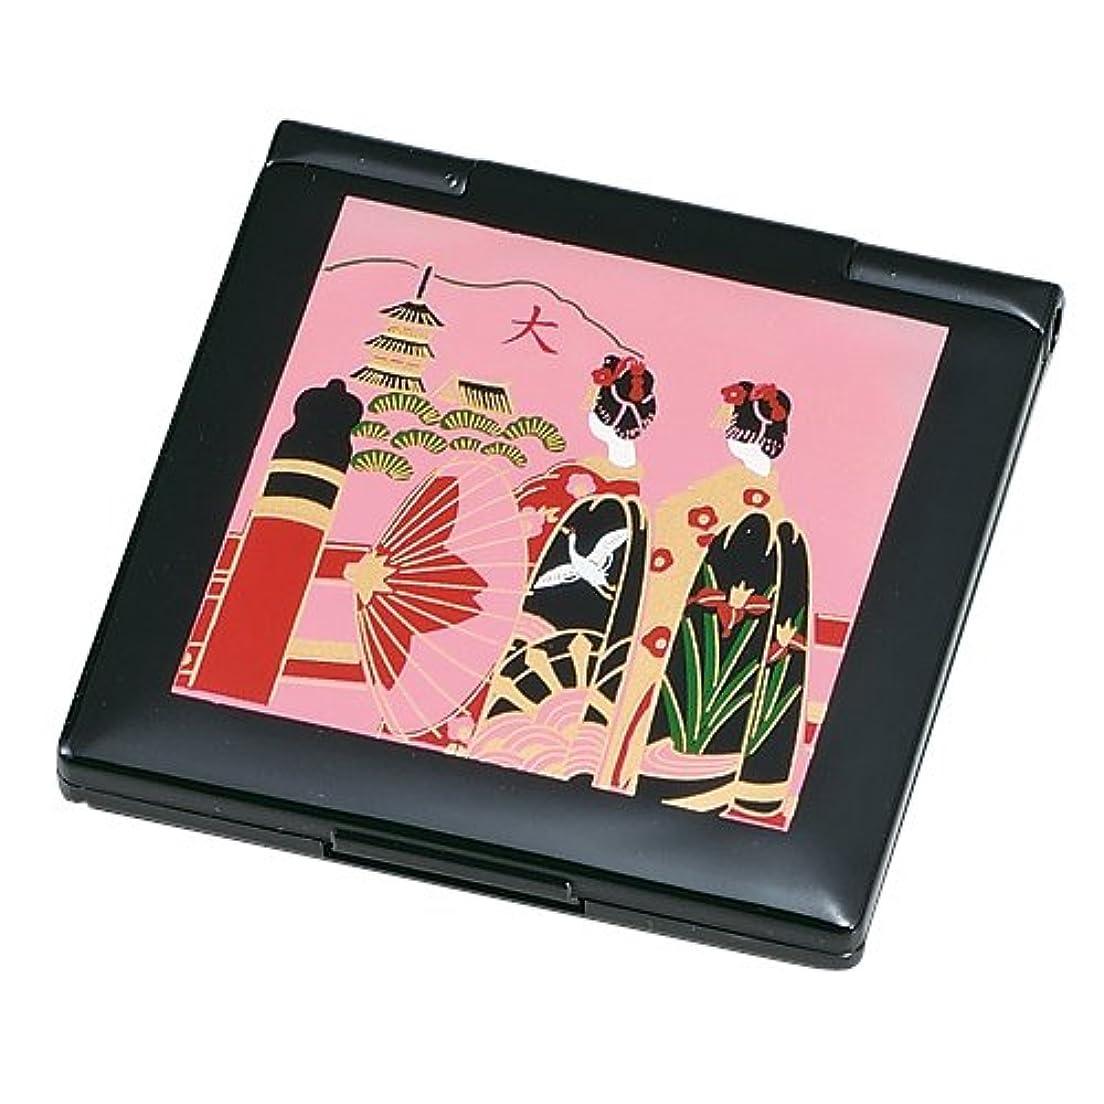 ボード出来事傀儡中谷兄弟商会 山中漆器 コンパクトミラー (レンズ付) 黒 京舞妓33-0405